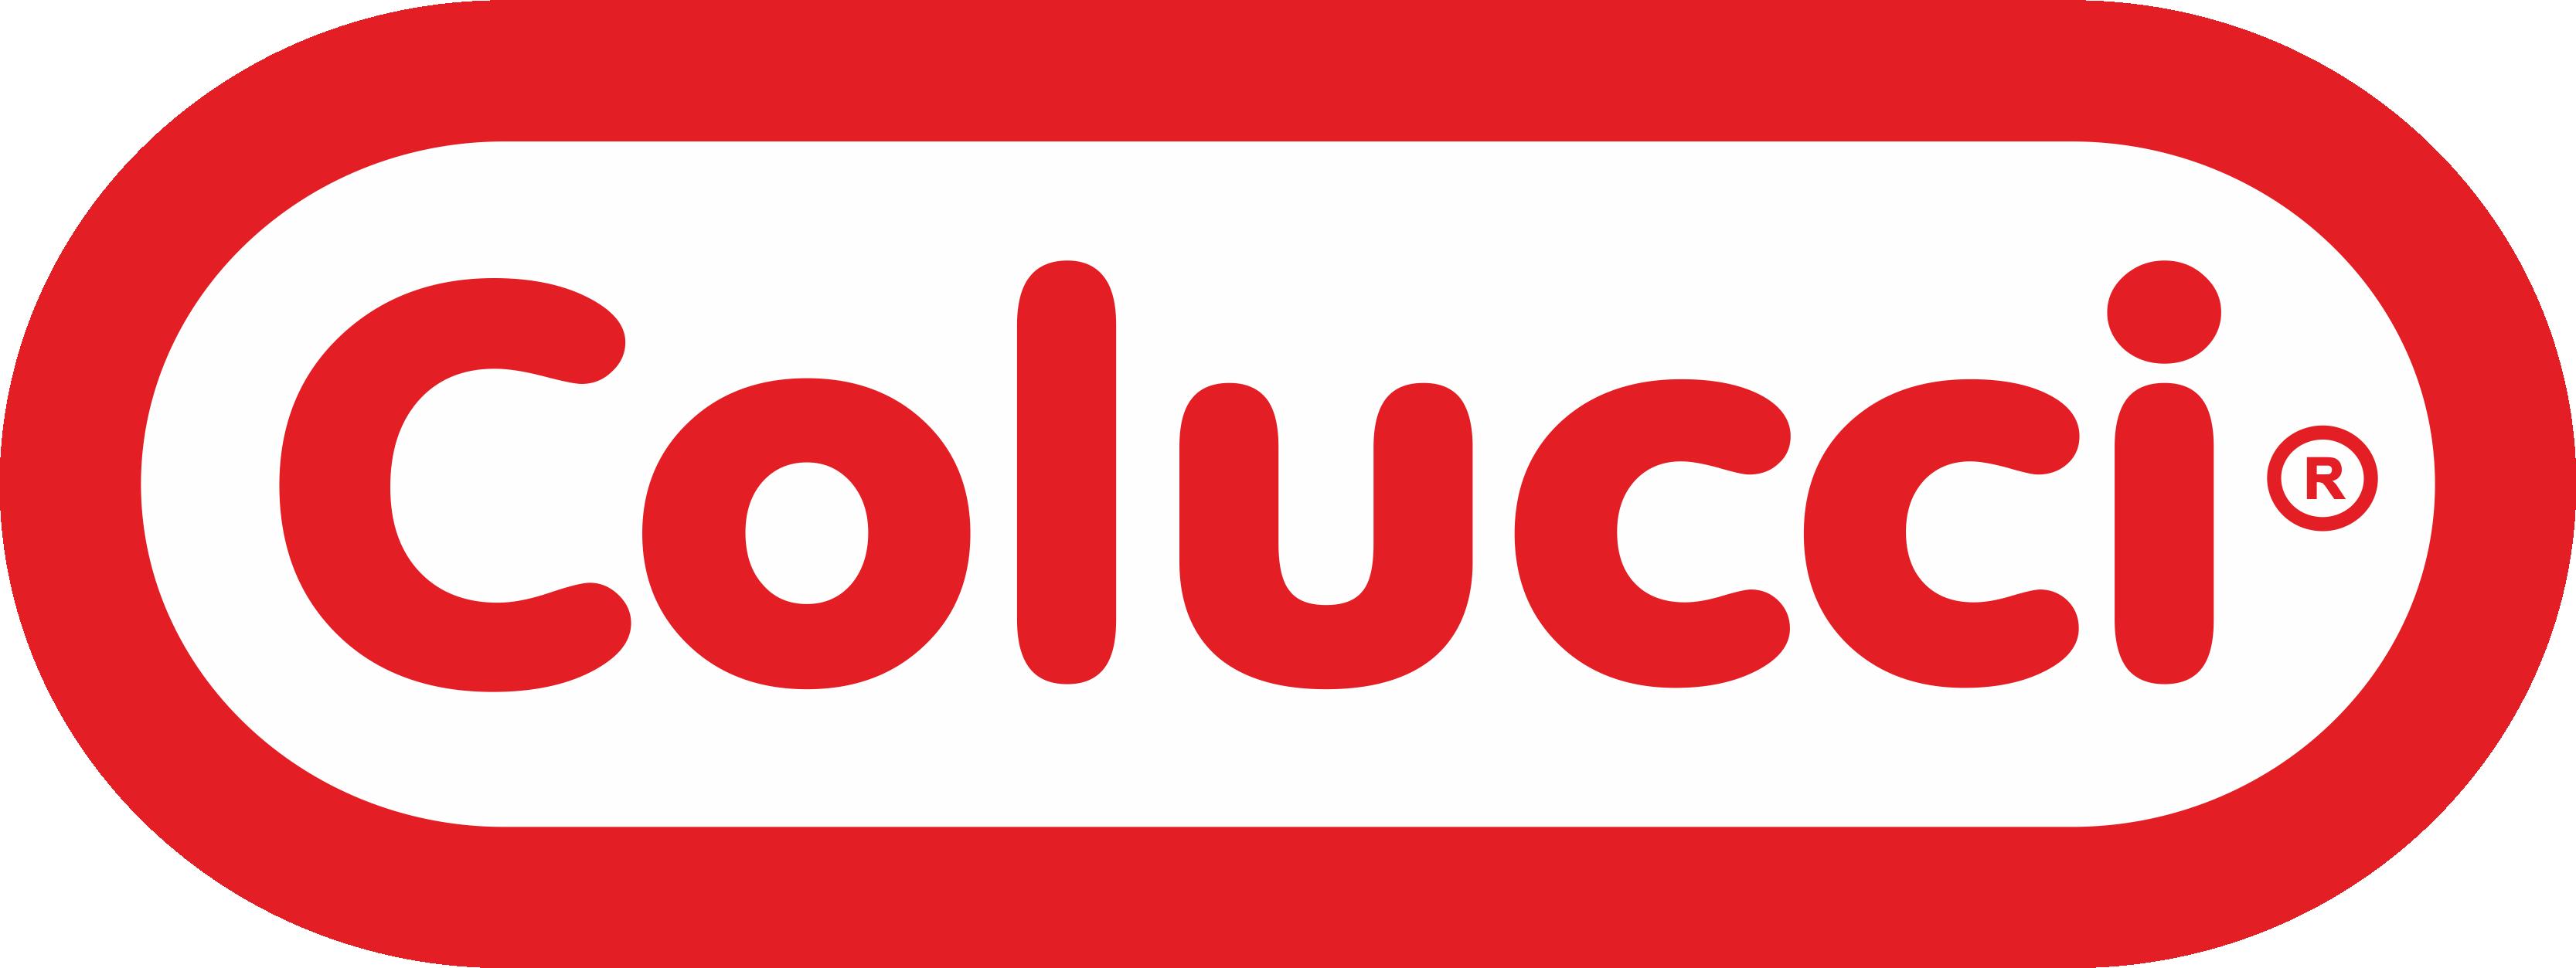 logo-colucci